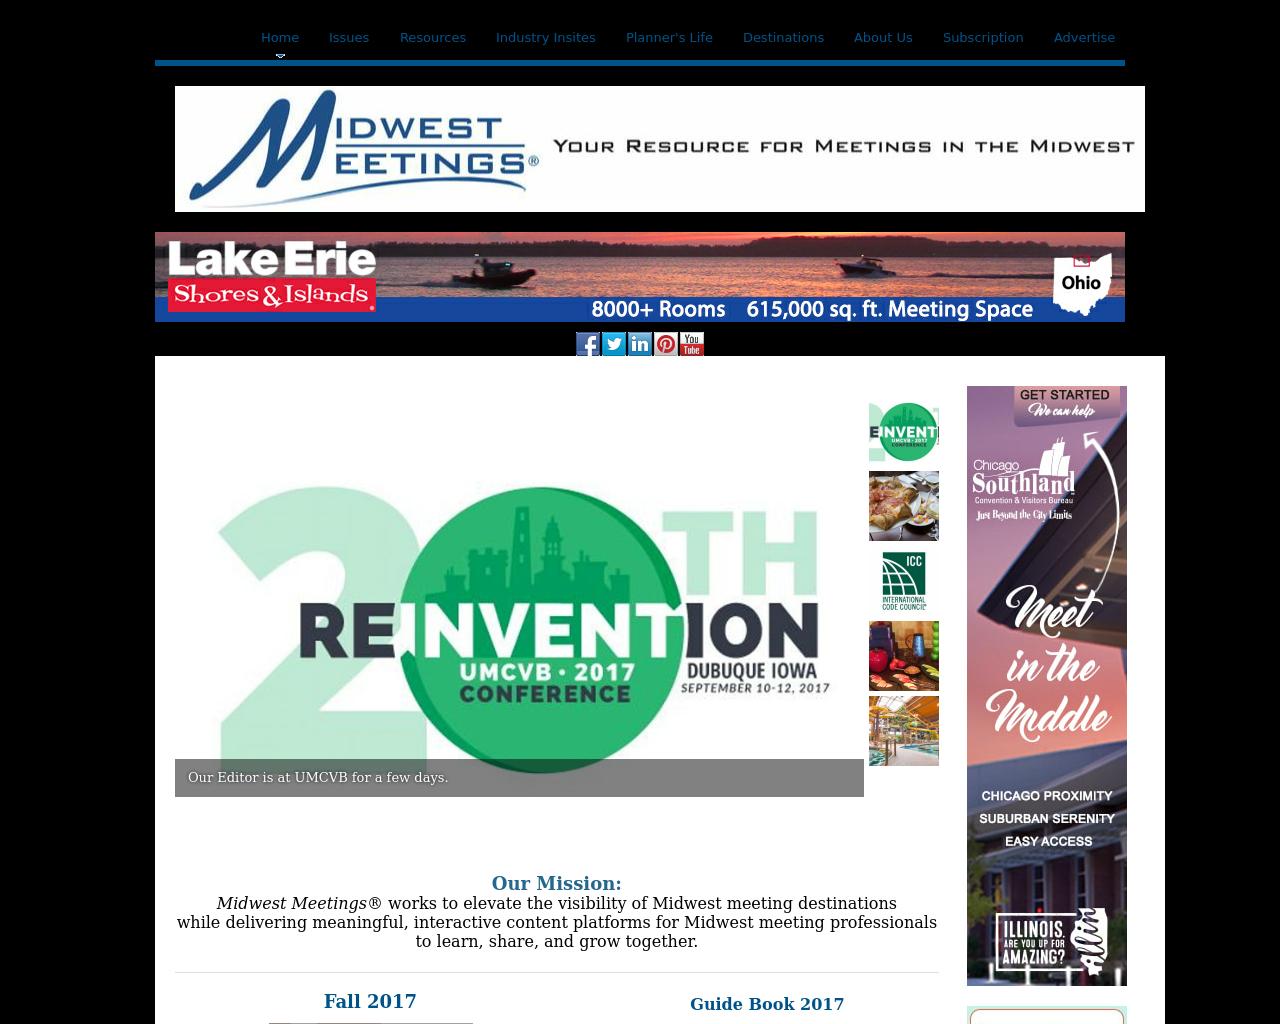 Midwest-Meetings-Advertising-Reviews-Pricing